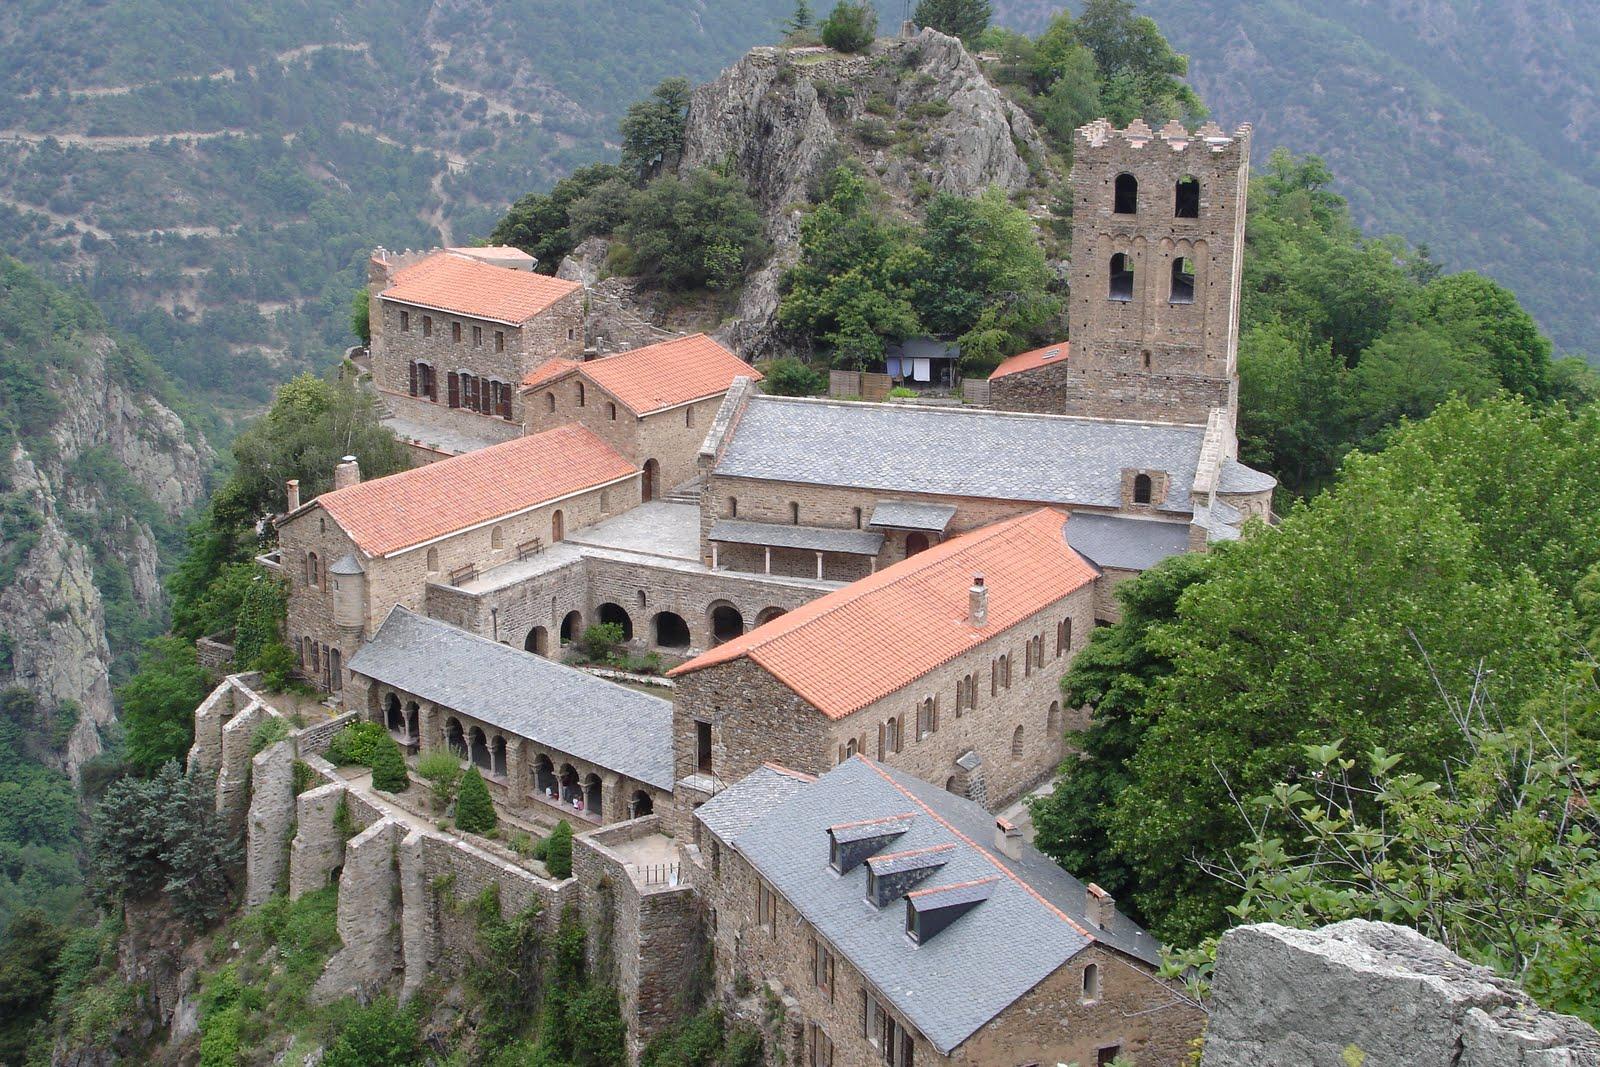 Sant Martí de Canigó